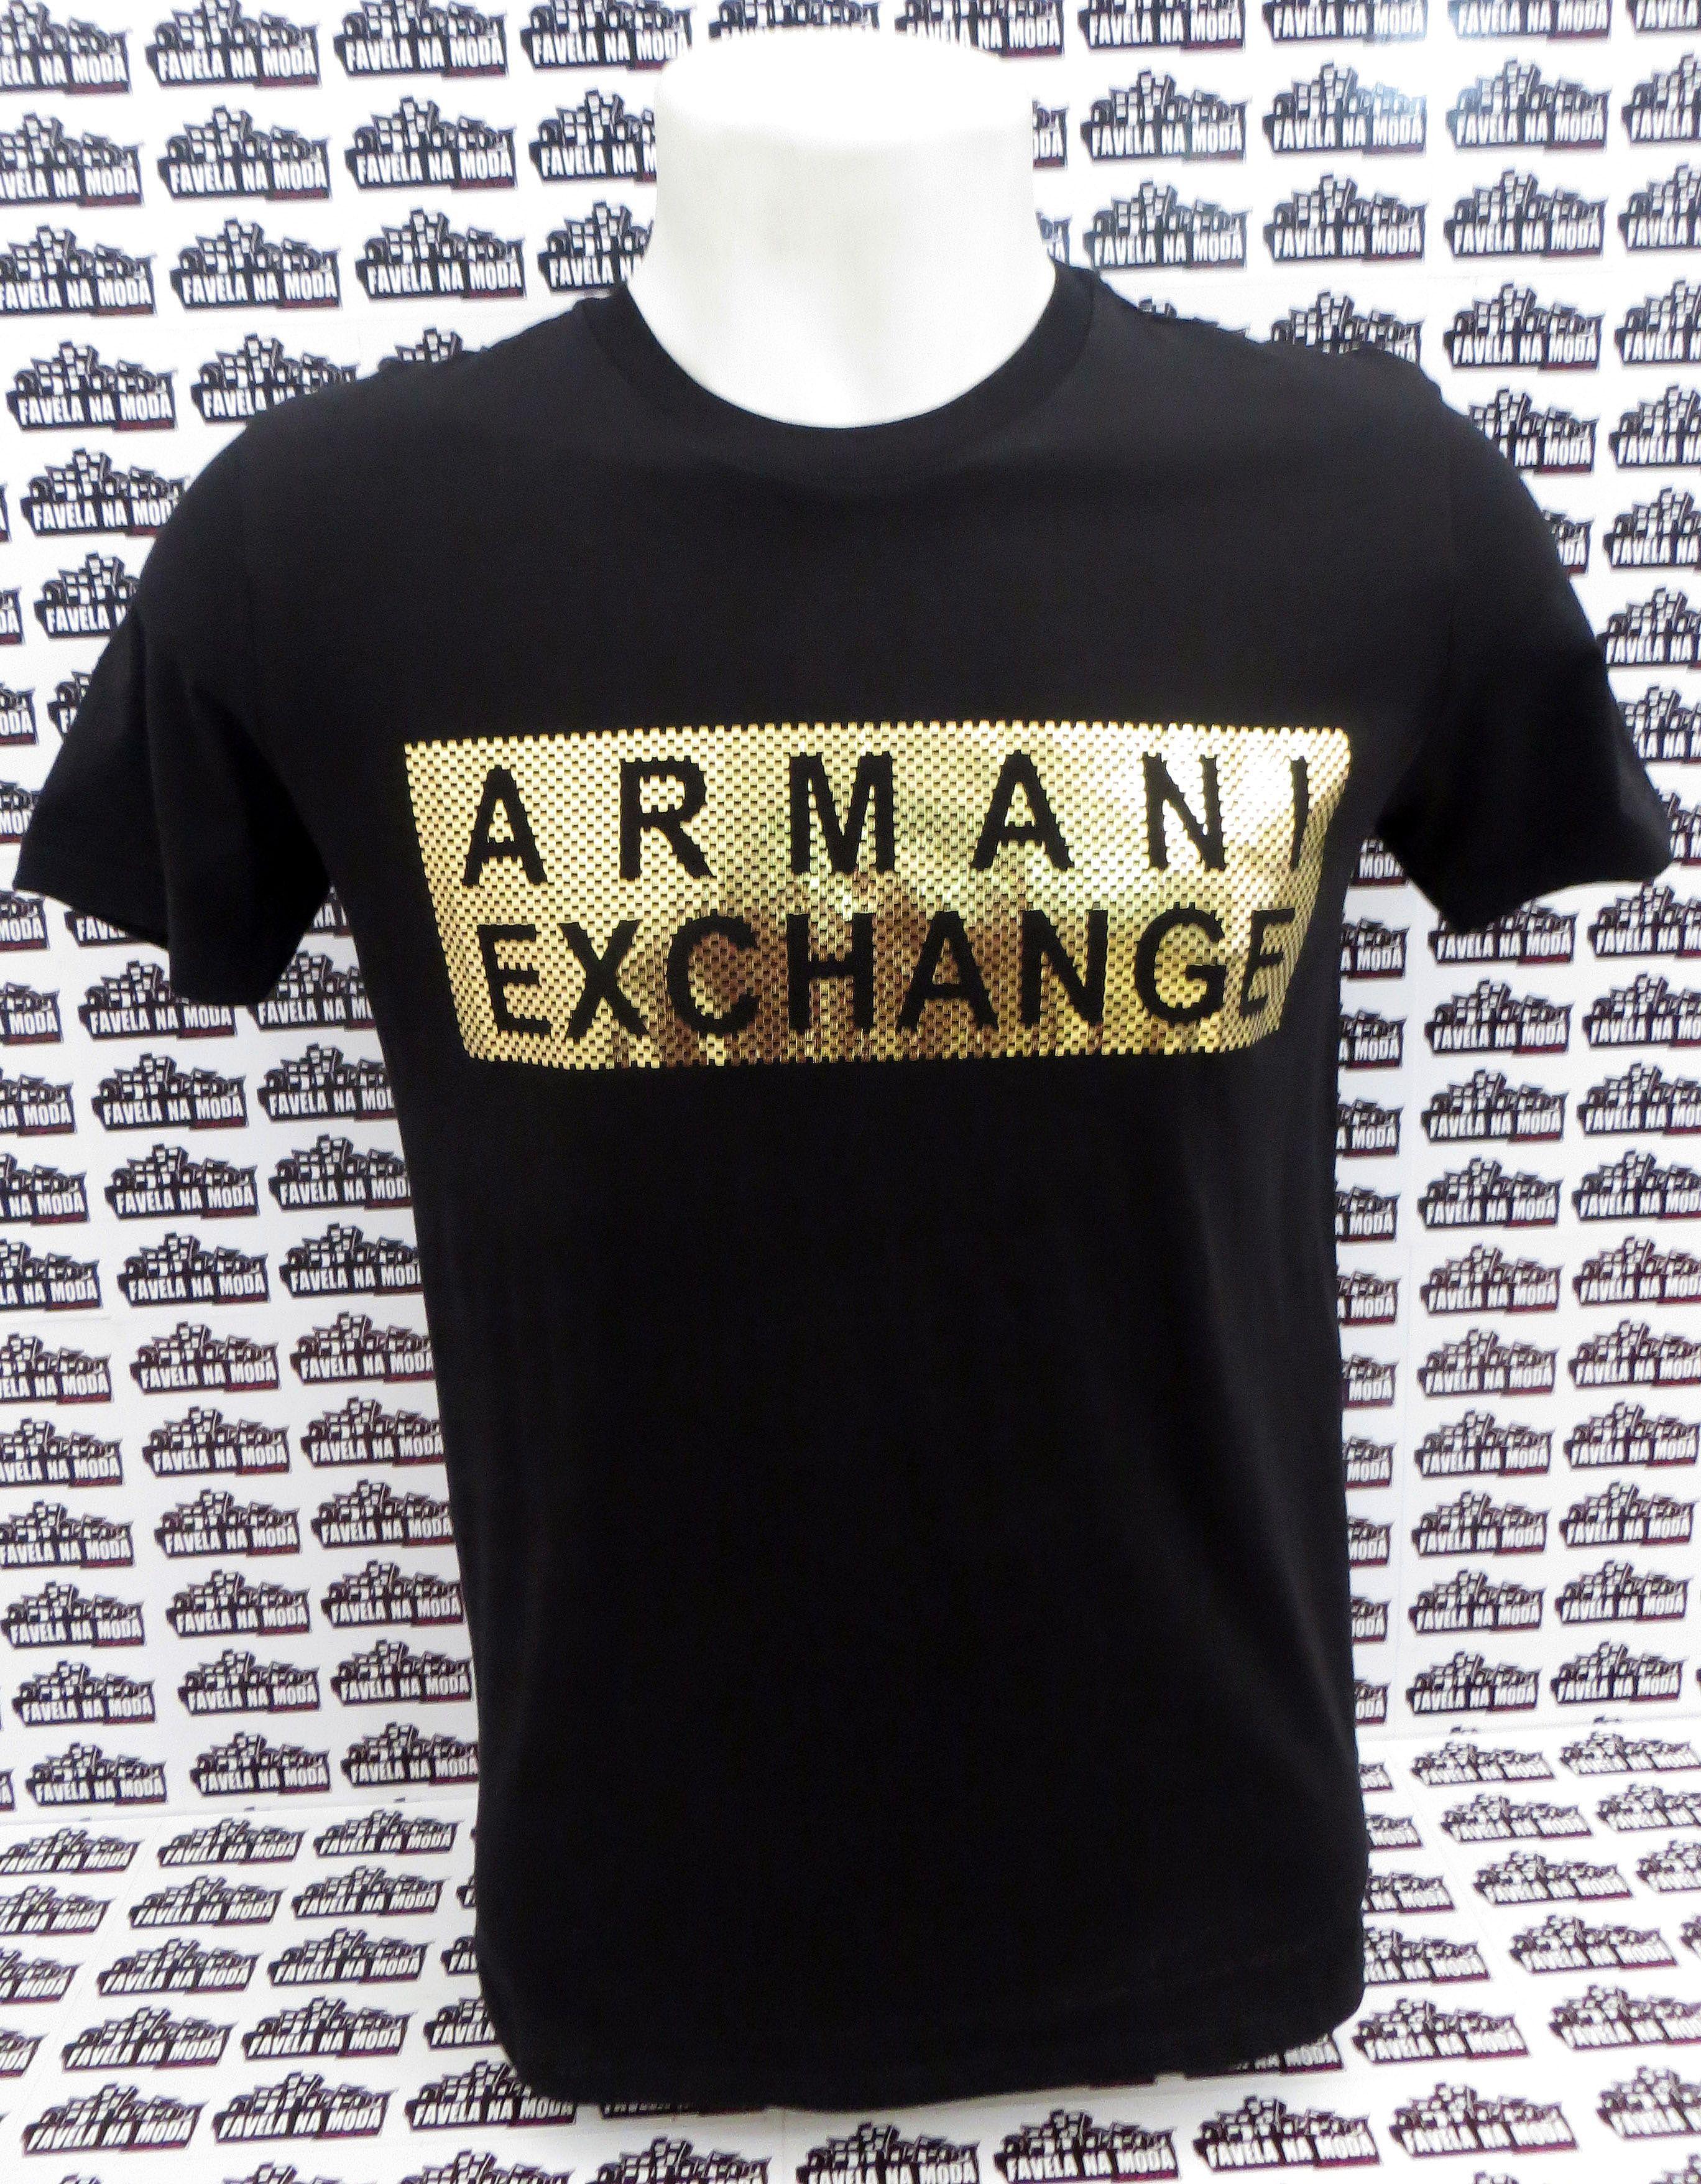 Camiseta Armani Exchange (M) - Favela na Moda Imports c75c4da1c4c